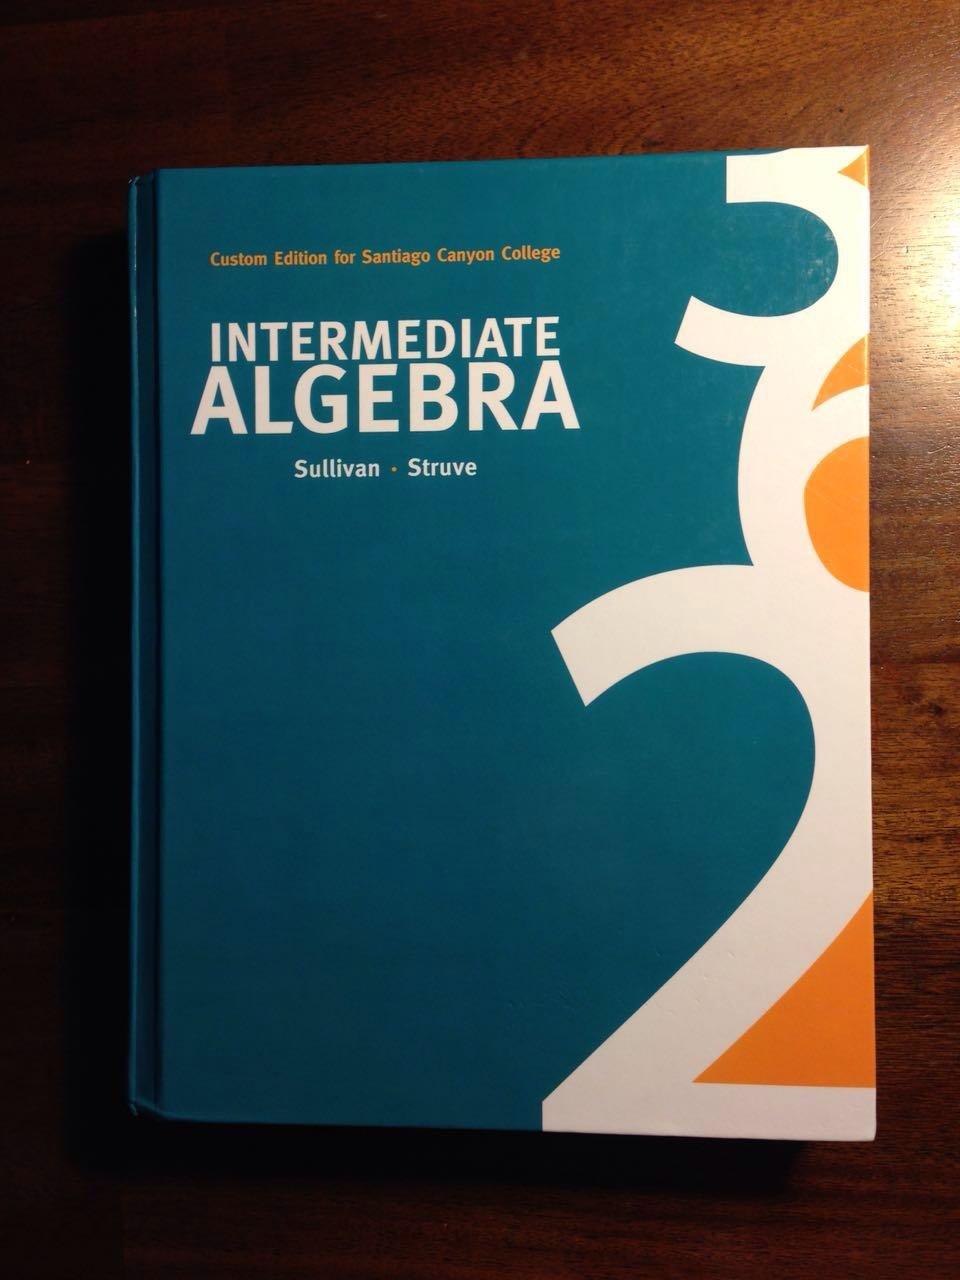 Intermediate Algebra: Michael Sullivan; Struve, Katherine R. III:  9781269414814: Amazon.com: Books